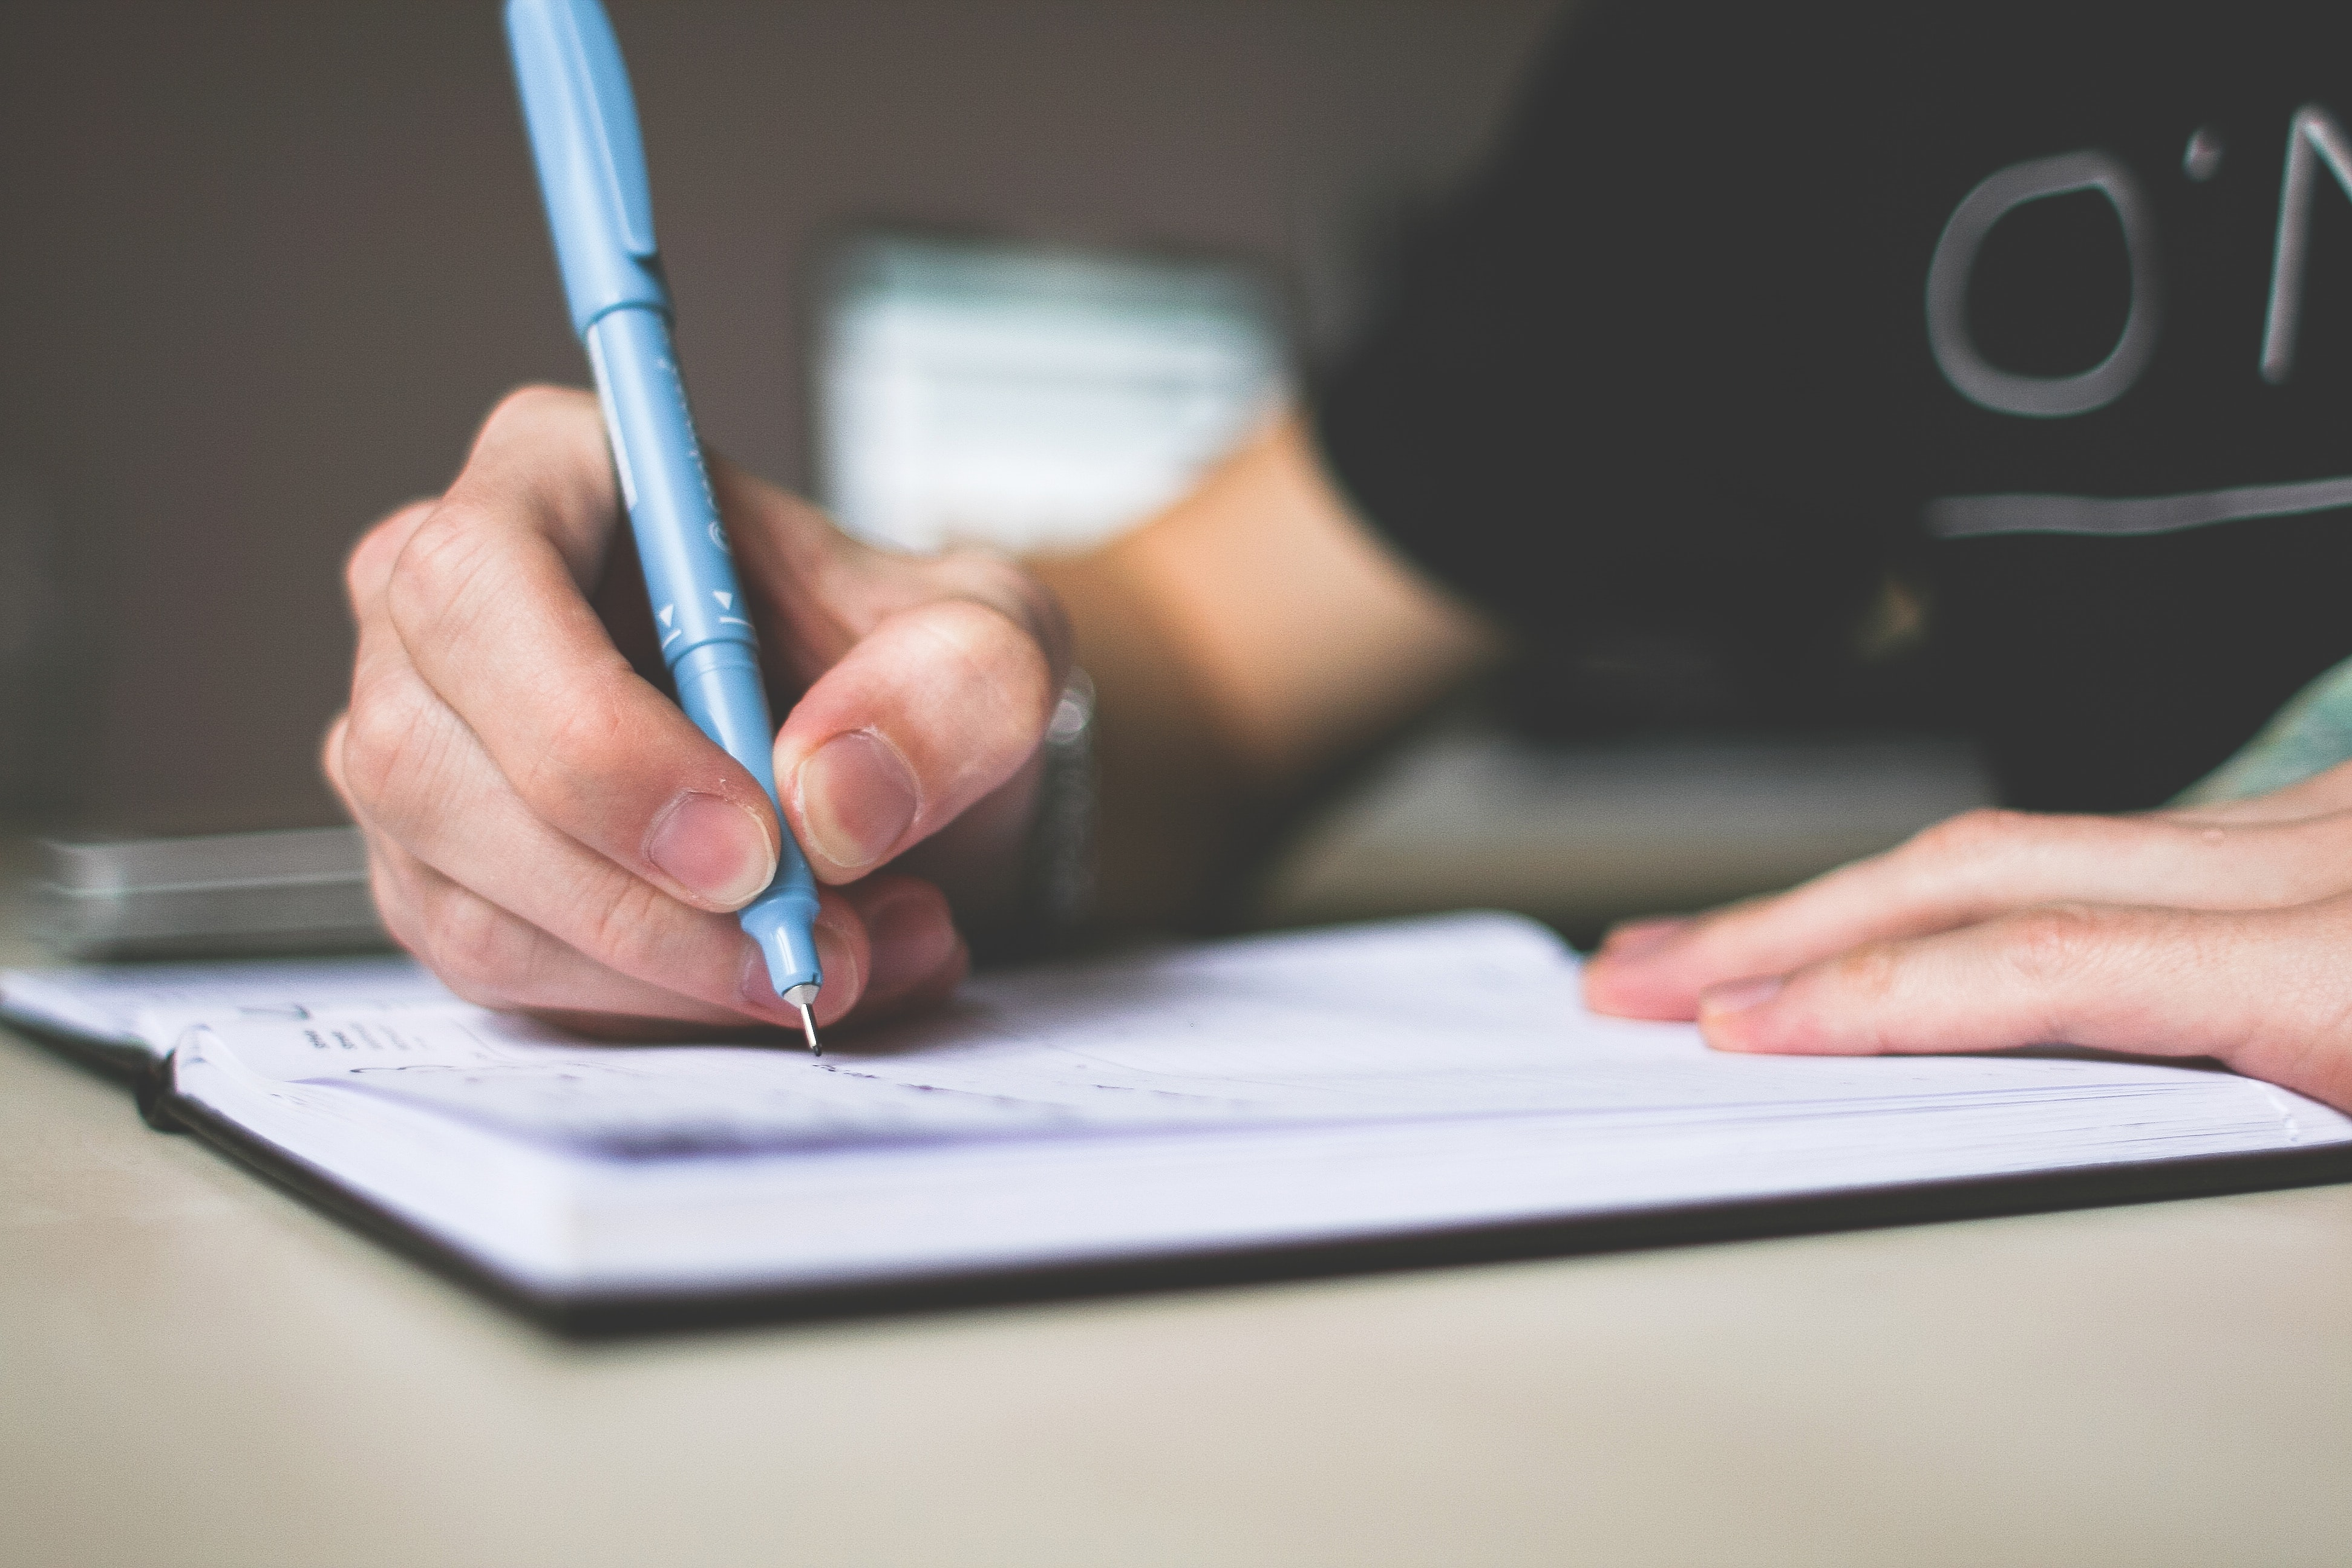 scrivania - contributi editoriali